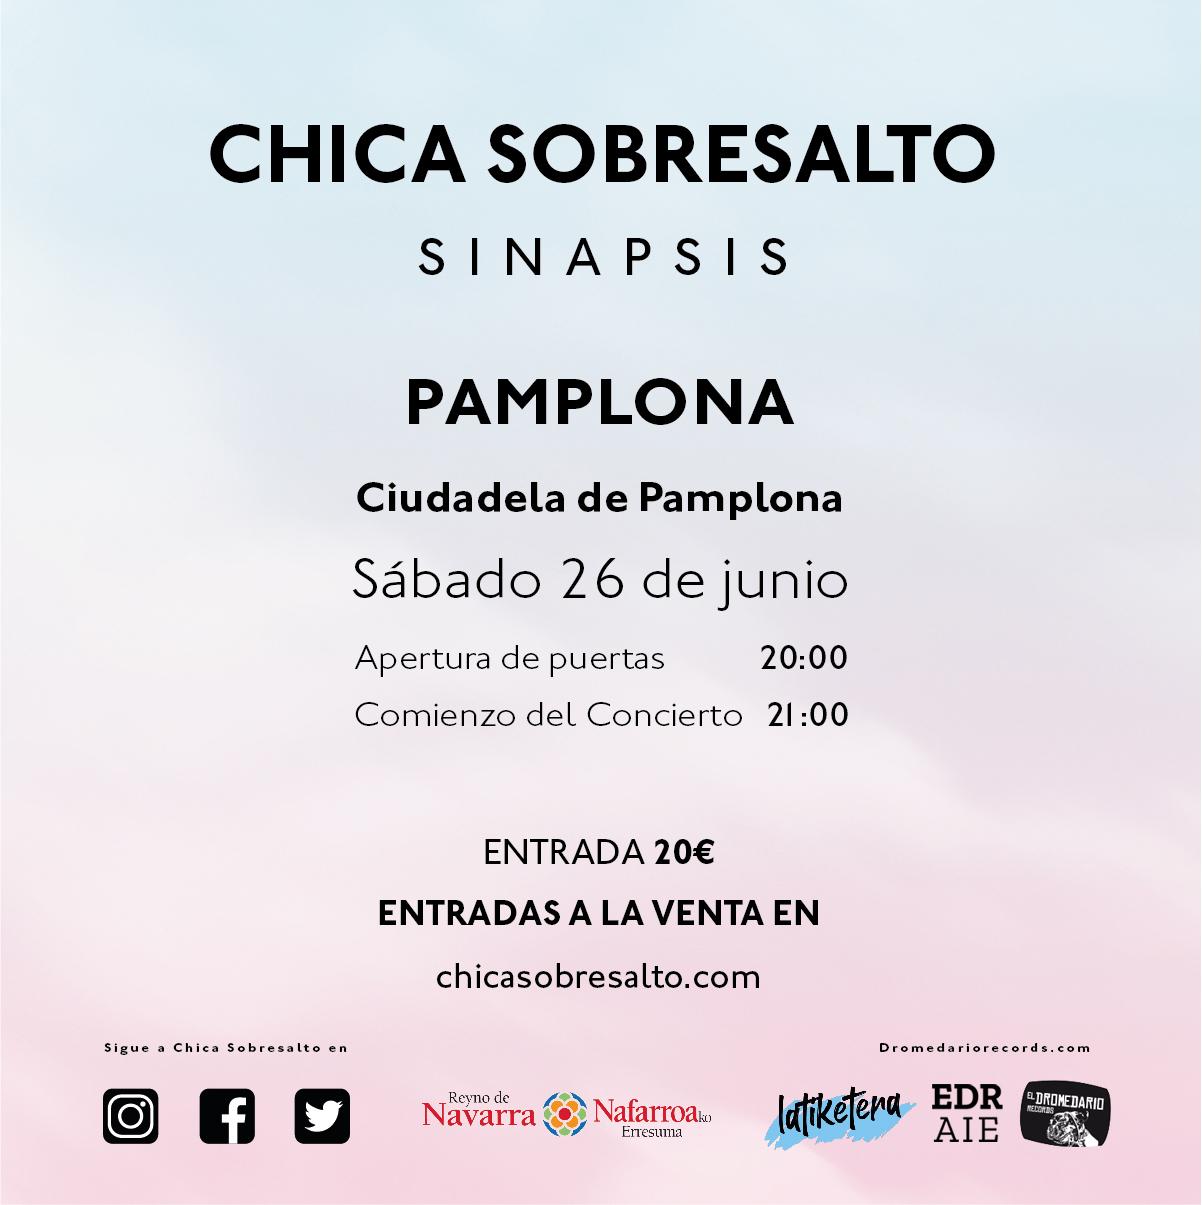 Chica Sobresalto actuará en Pamplona 26 de junio